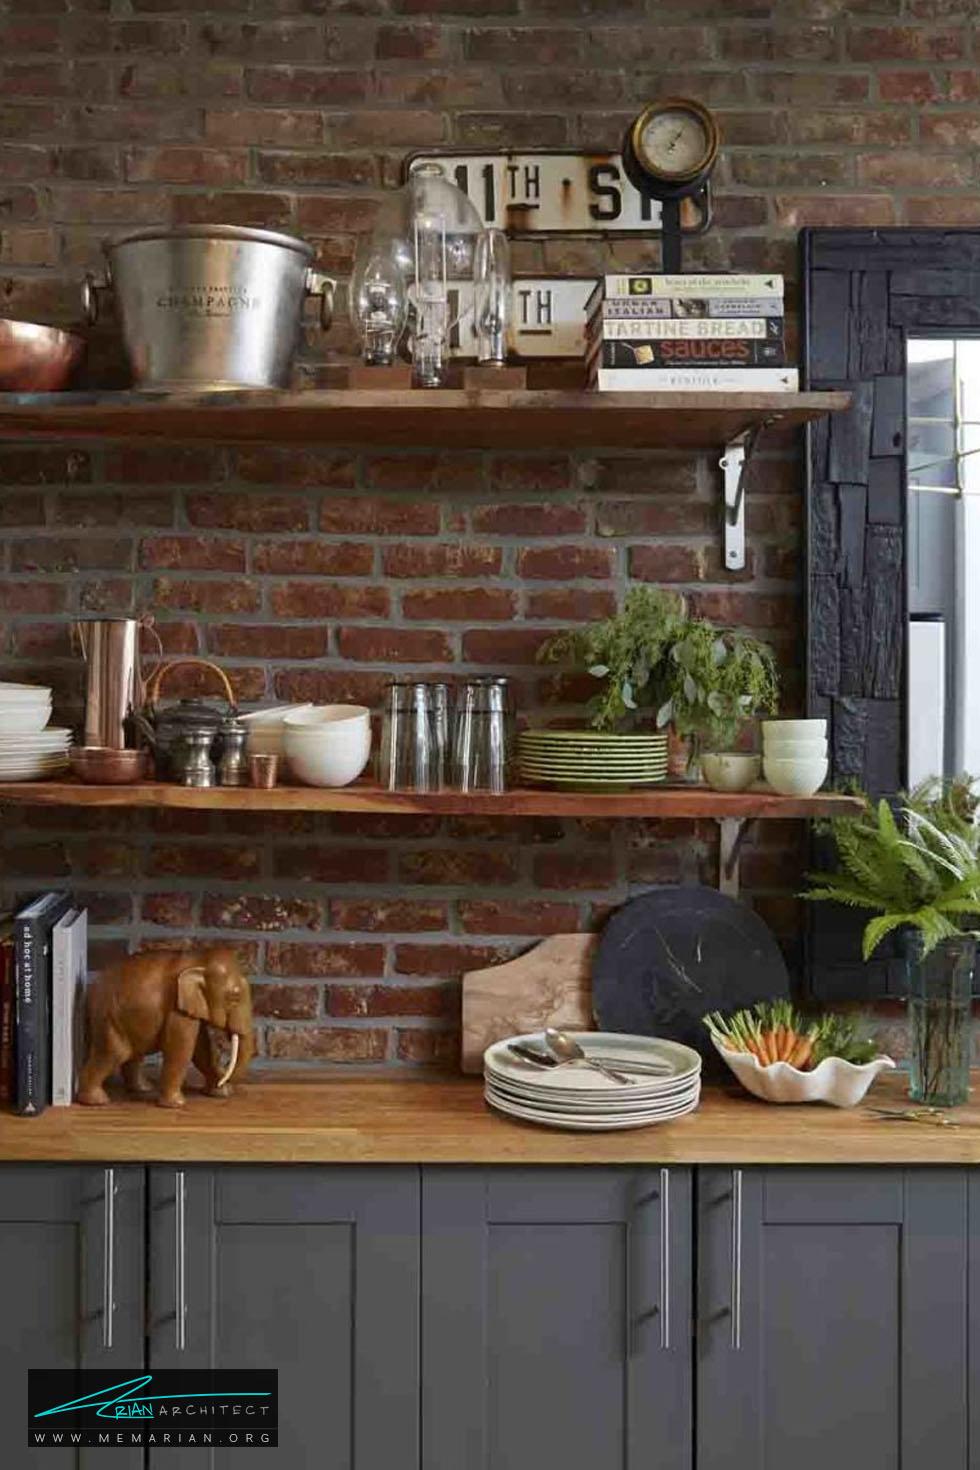 محدوده سرگرم کننده - 20 ایده جذاب برای دکوراسیون آشپزخانه